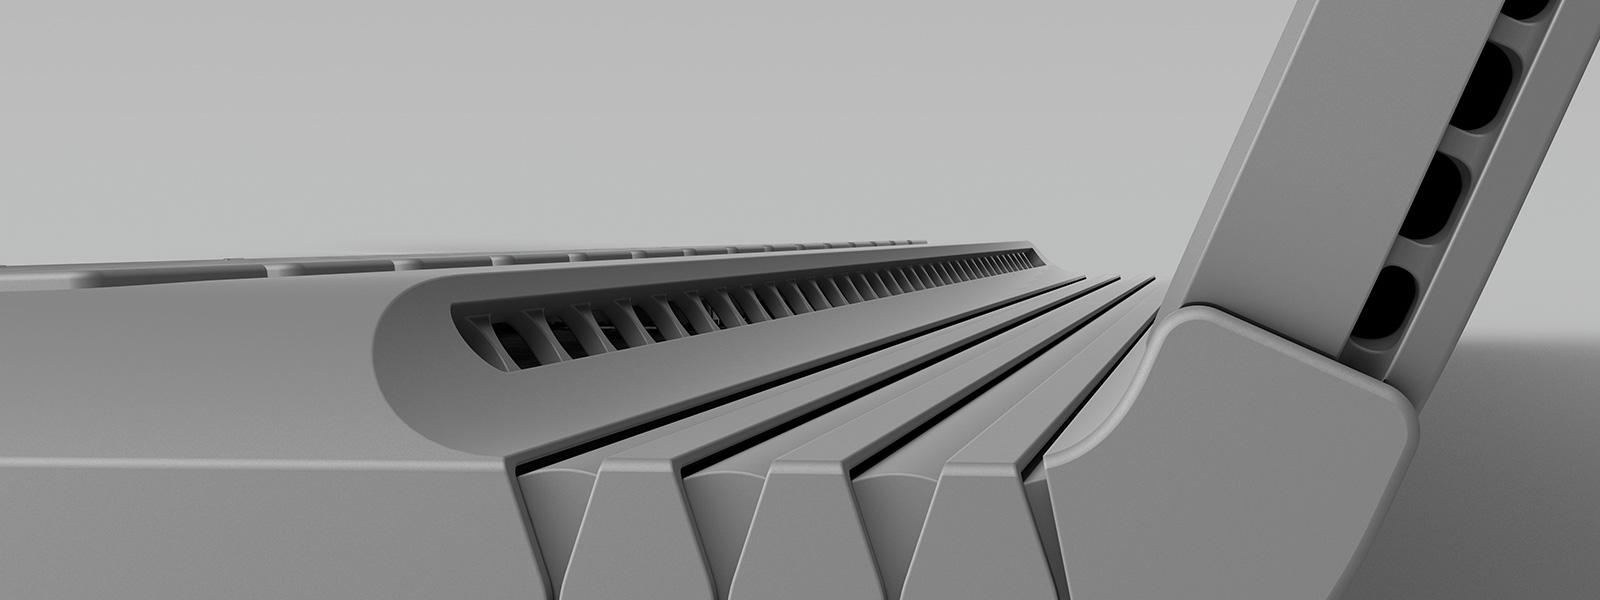 Gros plan sur la charnière du Surface Book qui donne sur une vidéo des fonctionnalités de l'appareil.